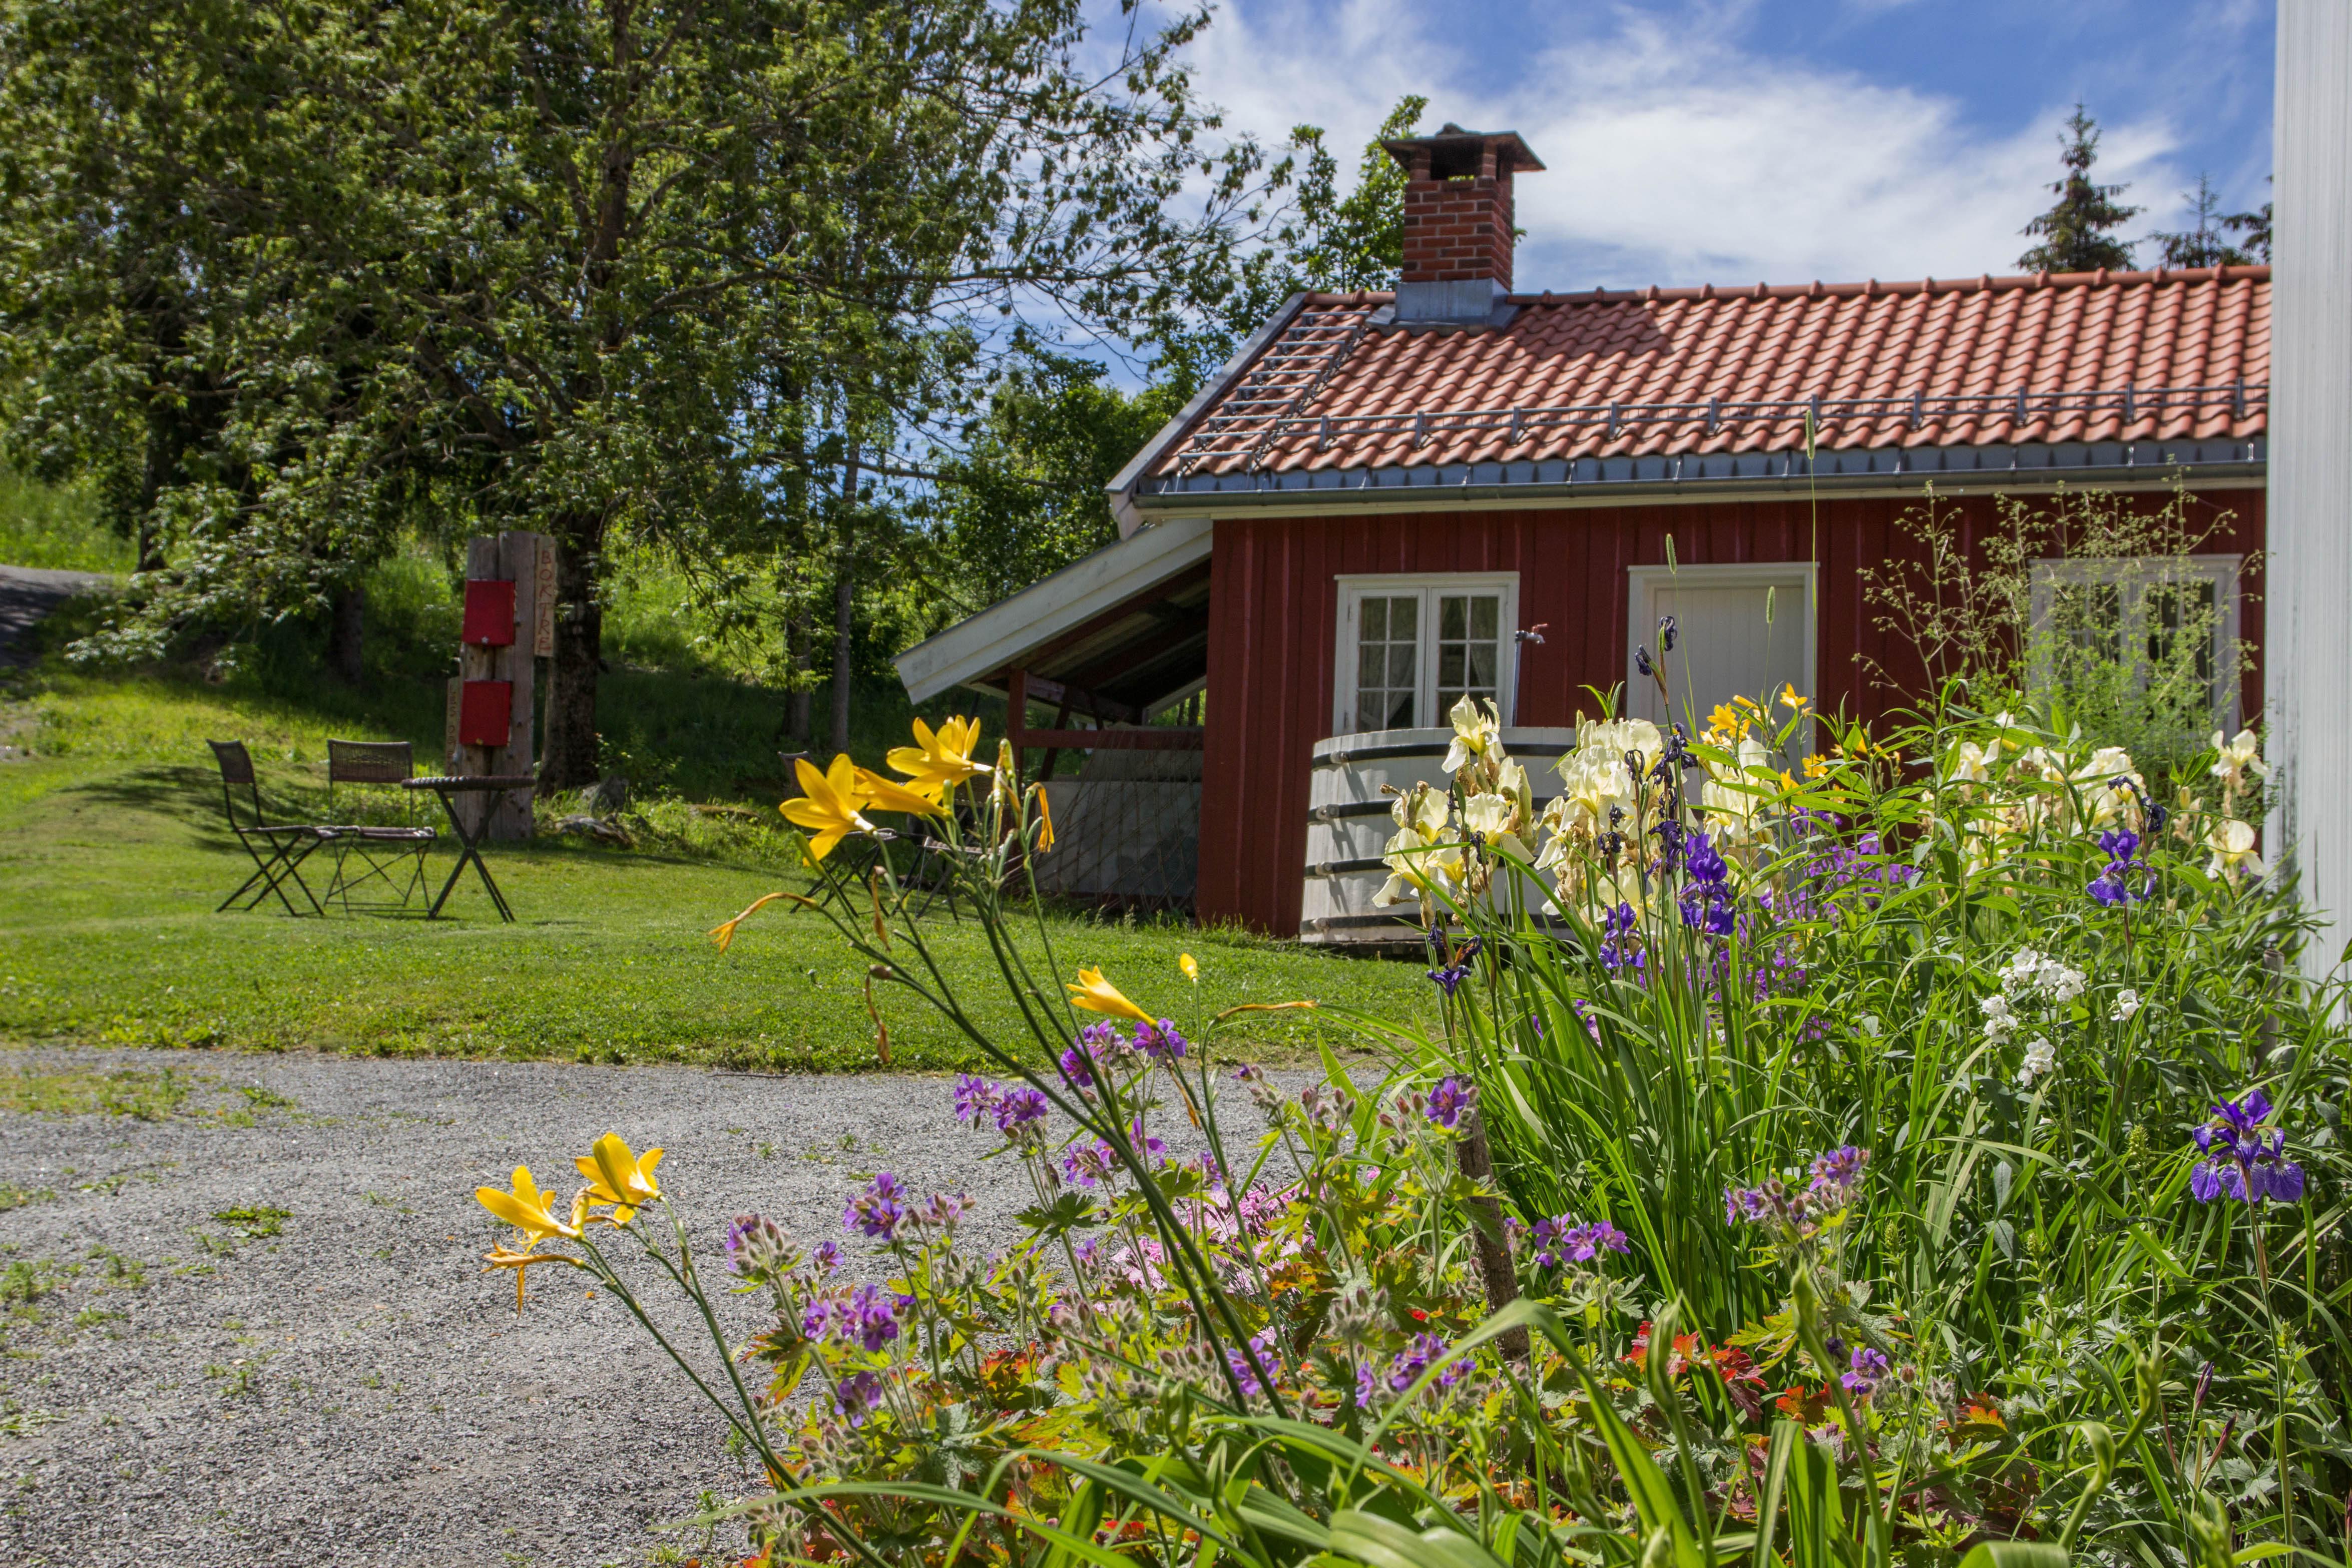 Portåsen_blomster-på-Portåsen-1-4699x3133_c